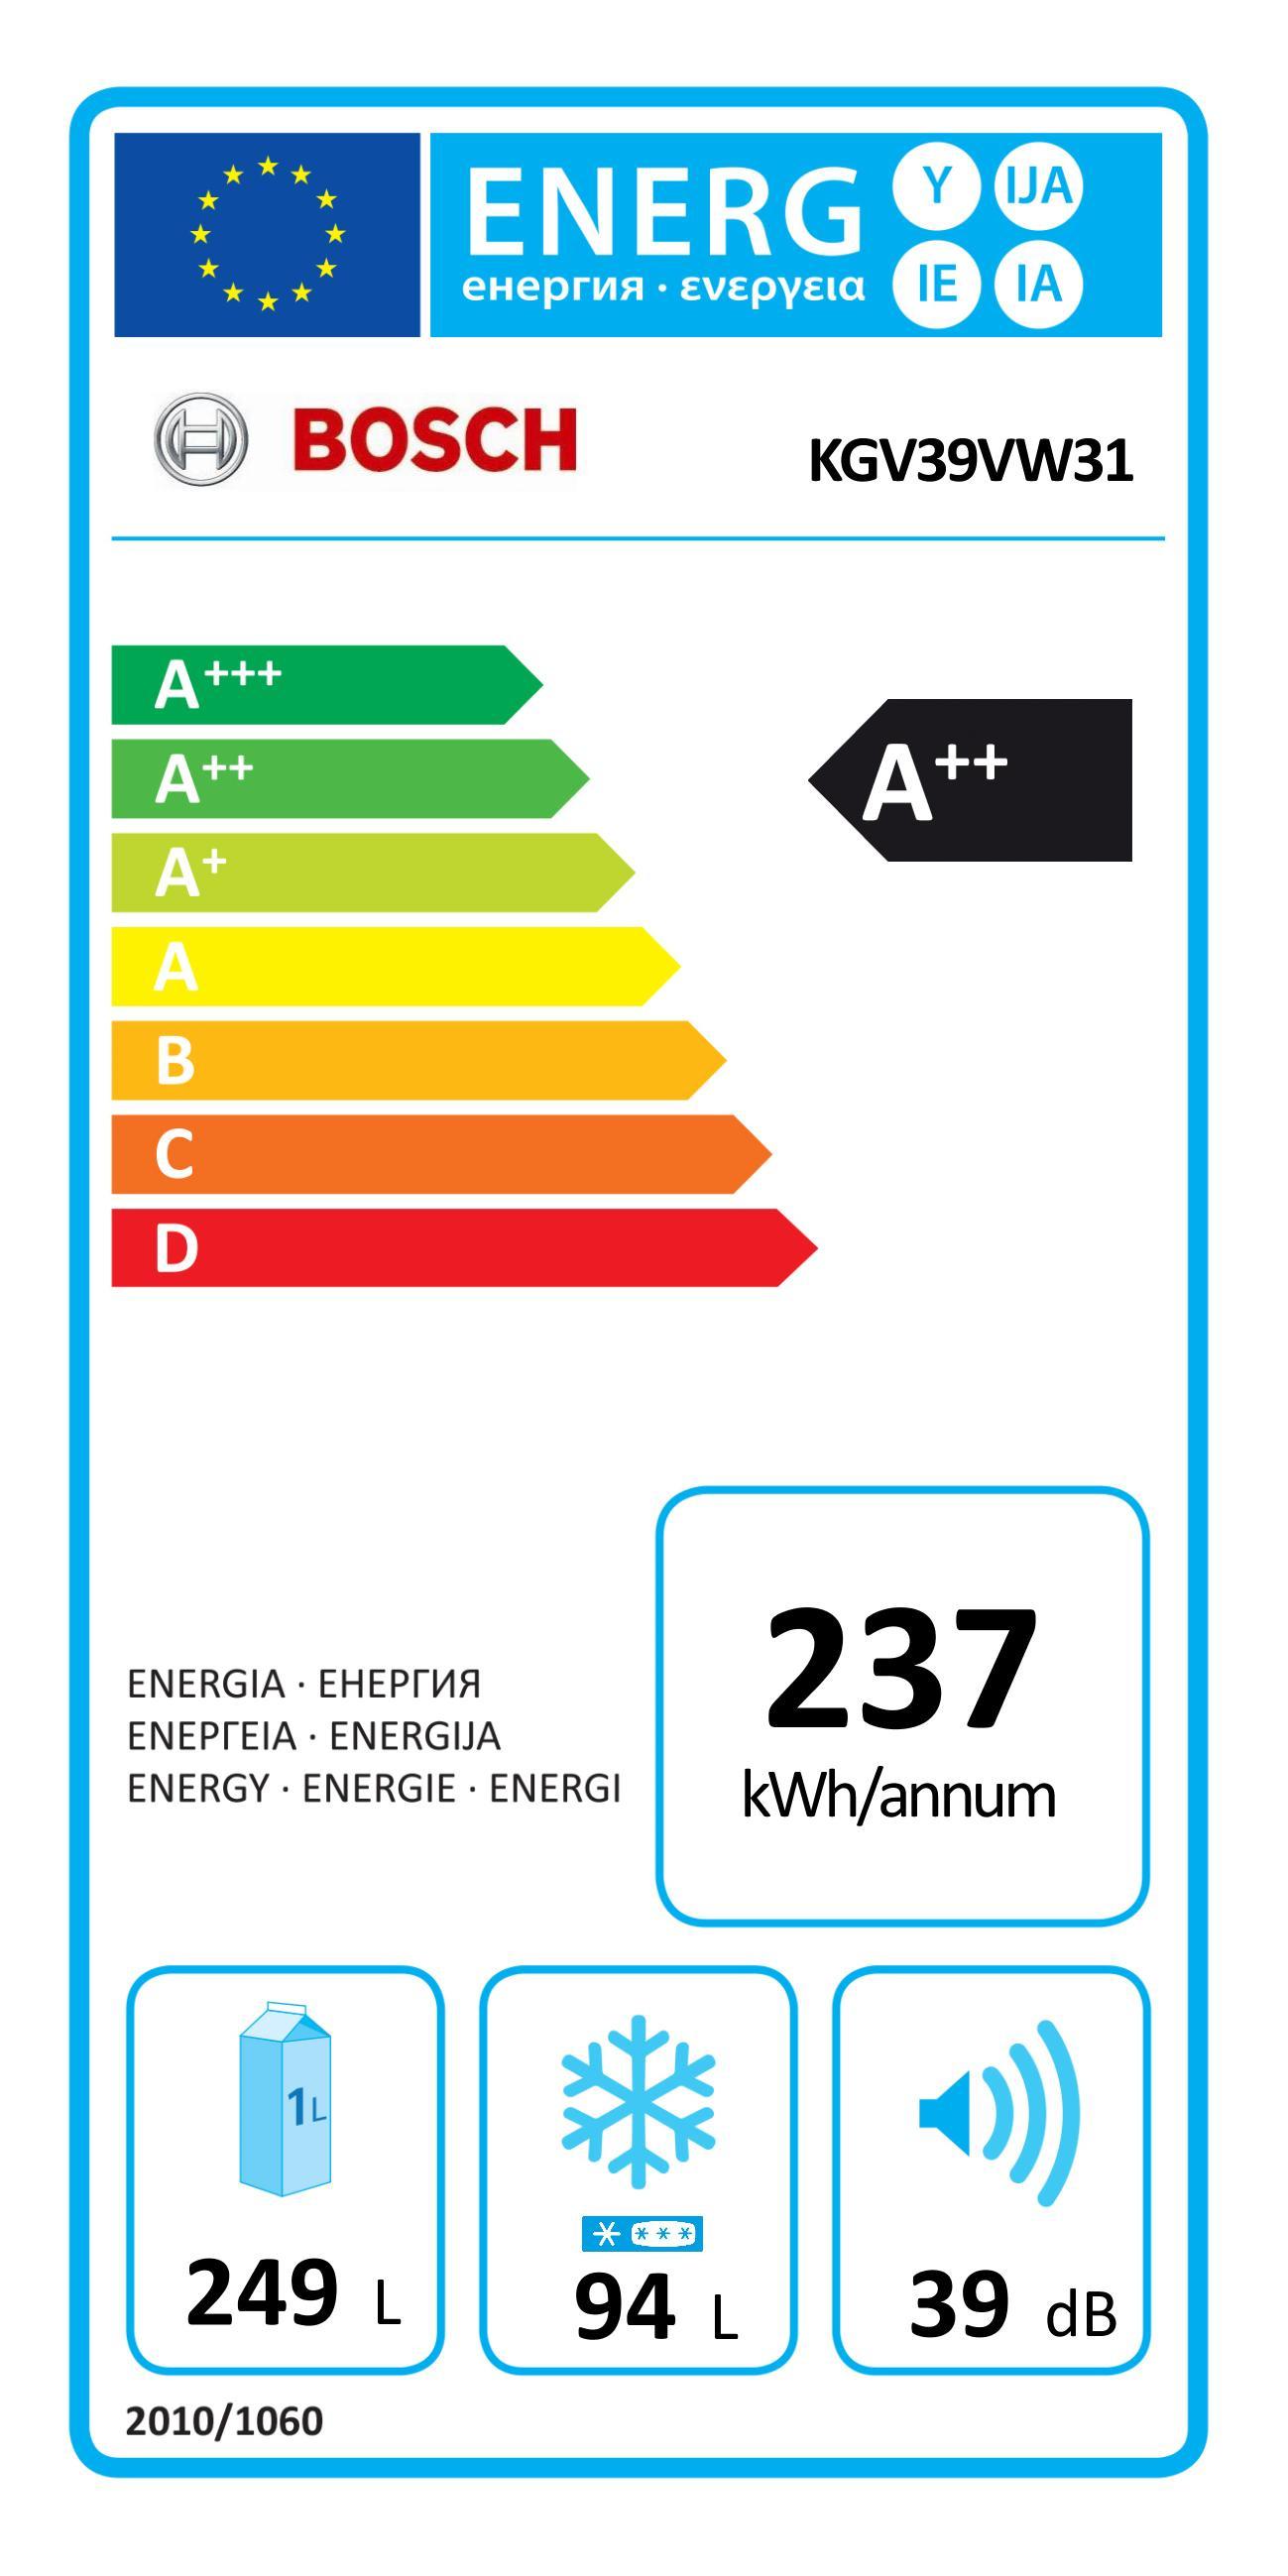 Energieklasse A ++ 2